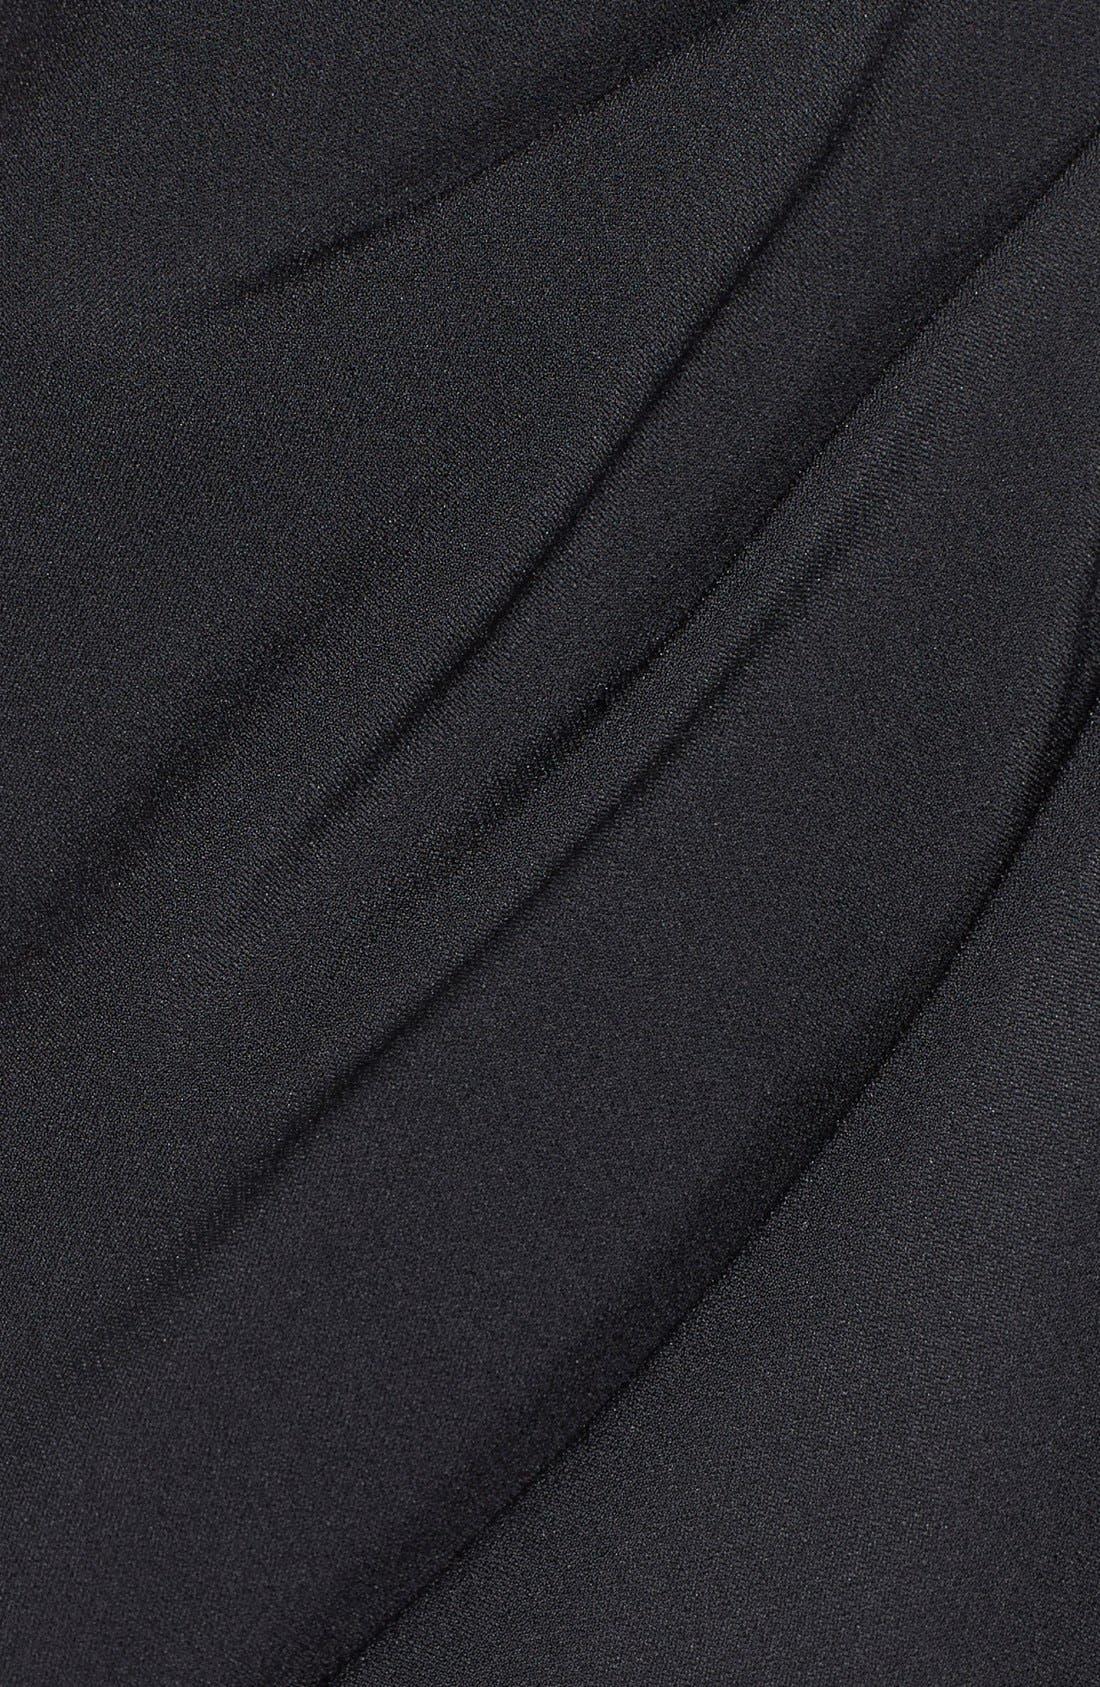 Alternate Image 4  - Adrianna Papell Pleated Crepe Sheath Dress